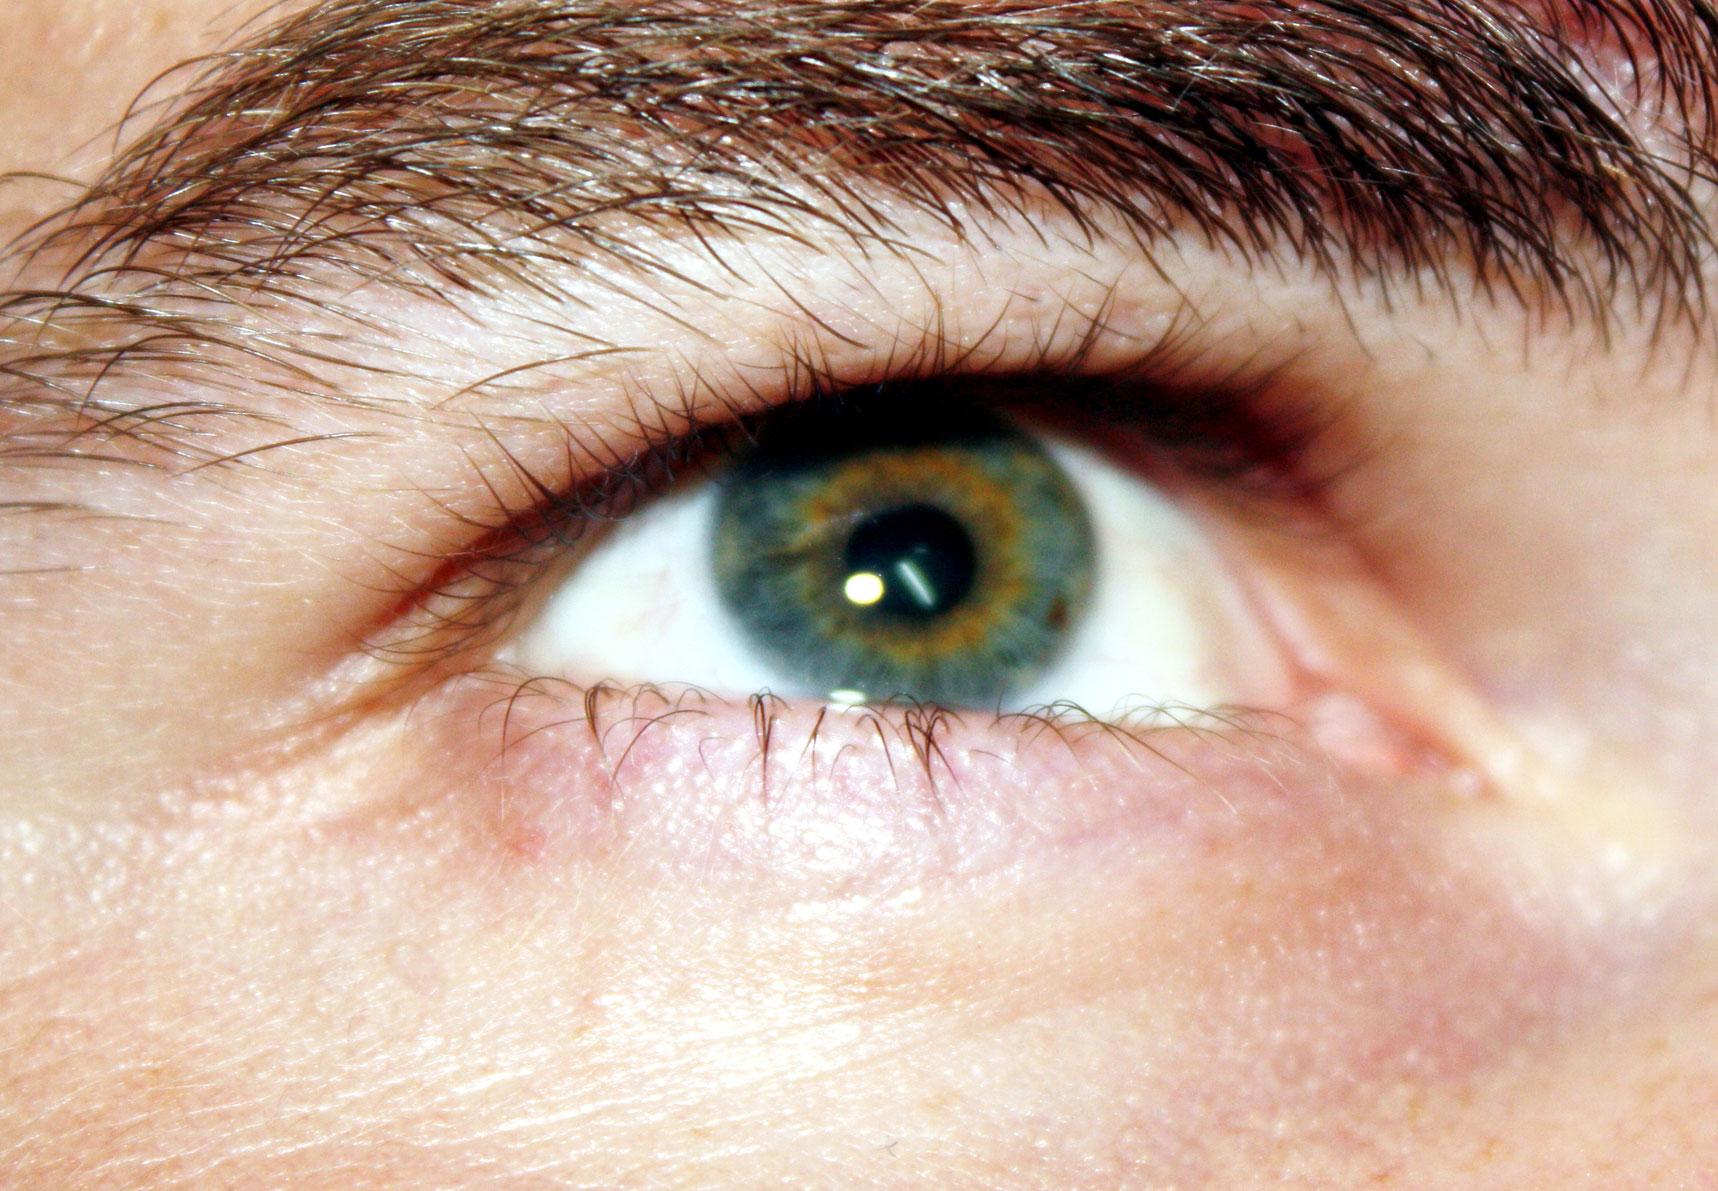 veleszületett és szerzett látássérülés érdemes-e egyetérteni a rövidlátással császármetszéssel